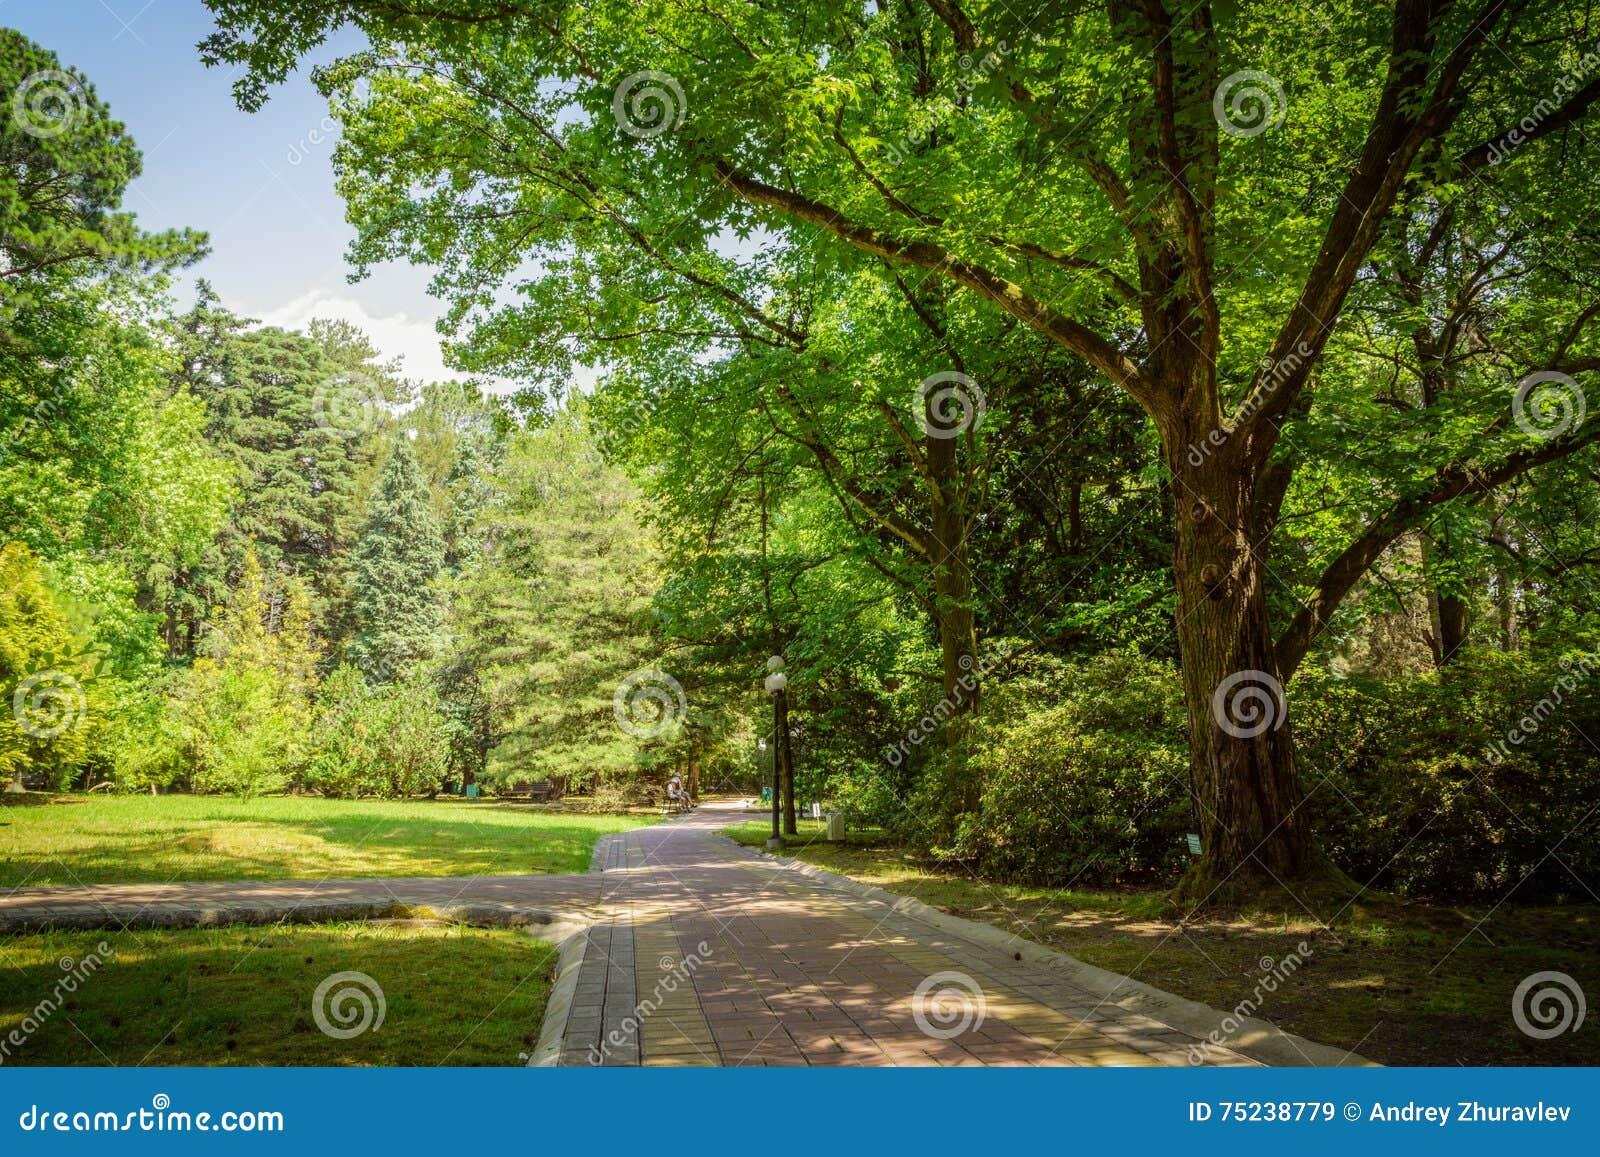 Paesaggio di estate in giardino tropicale arboreto di soci - Giardino tropicale ...